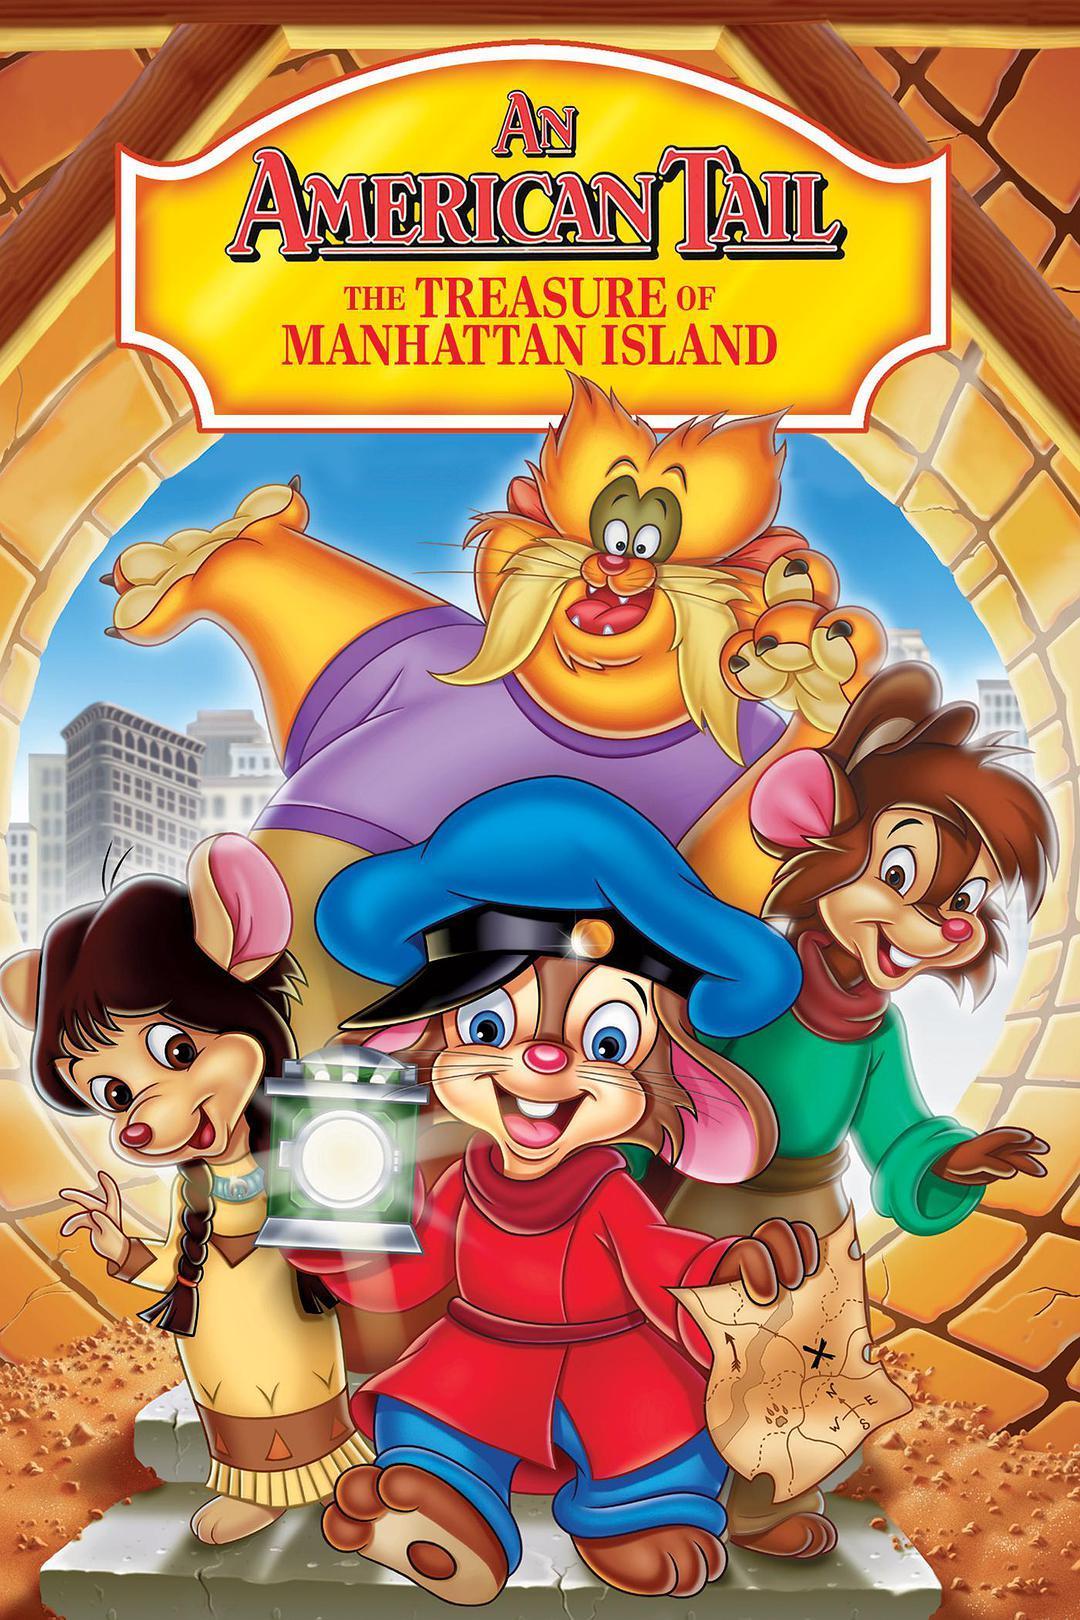 美国鼠谭3:寻宝记 An American Tail: The Treasure of Manhattan Island